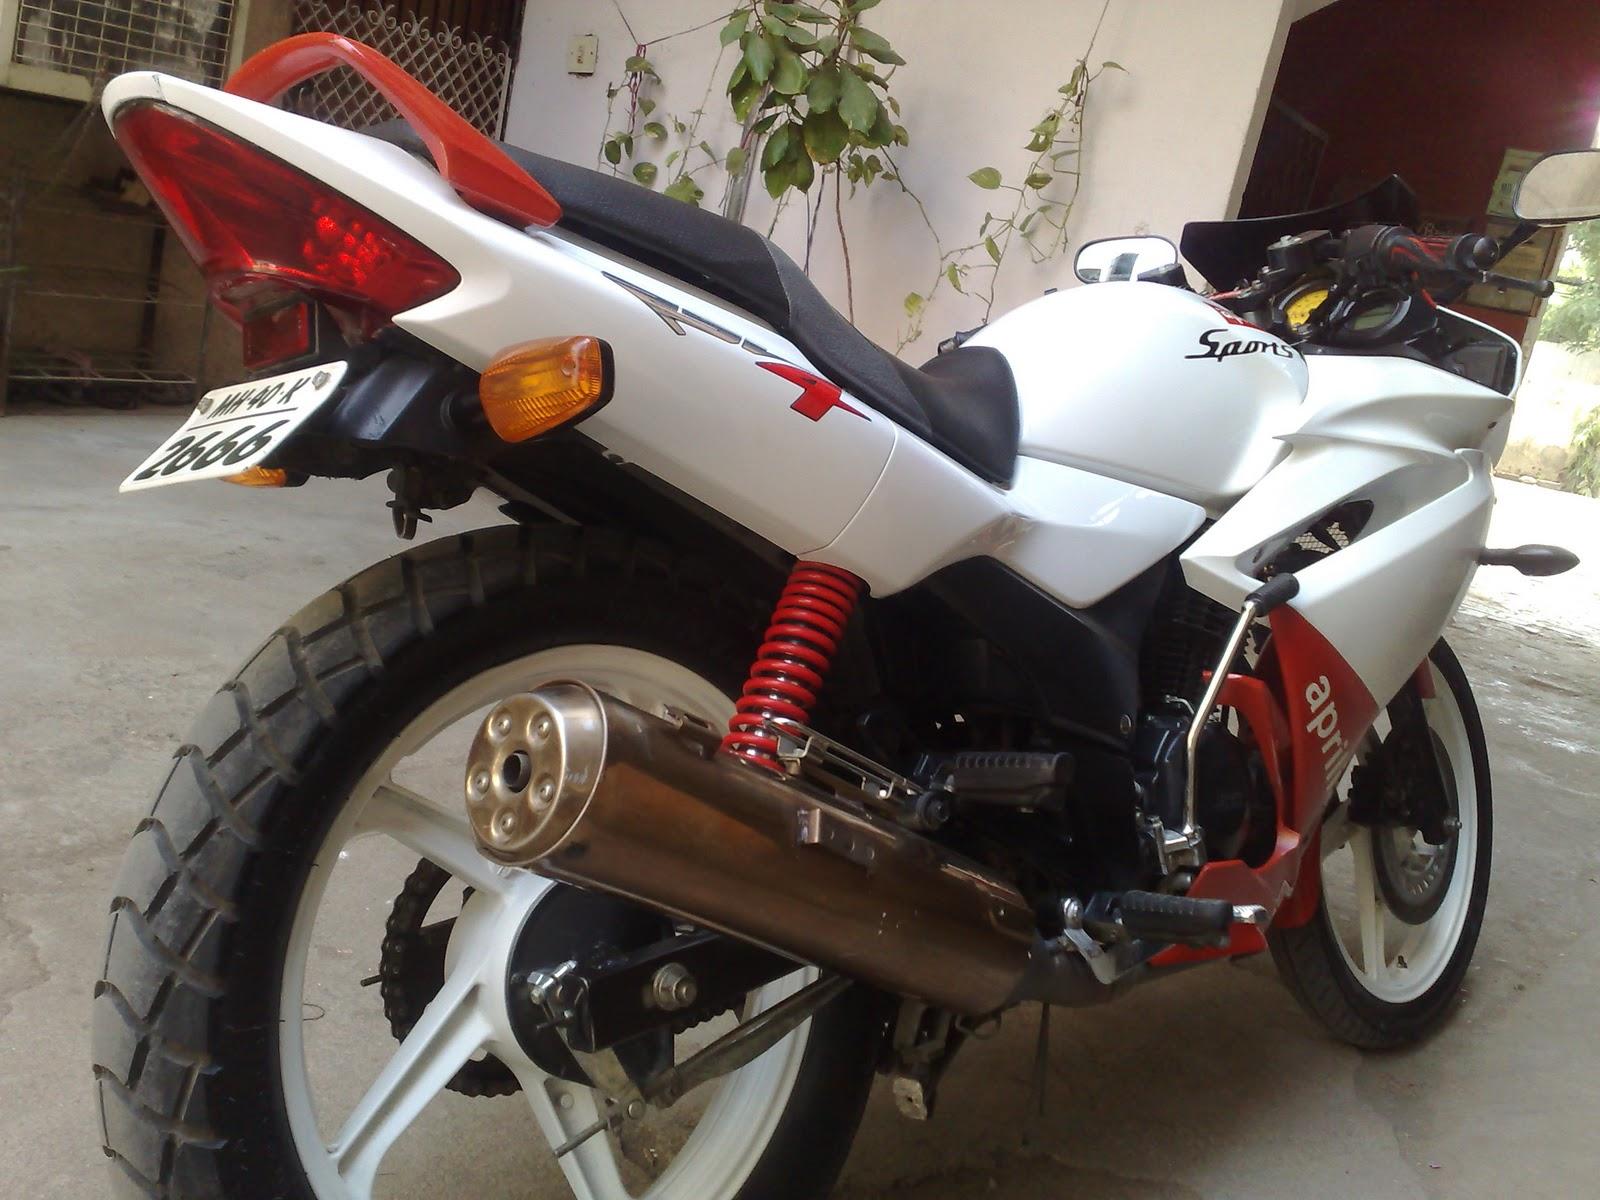 Bike Modification Parts In Delhi